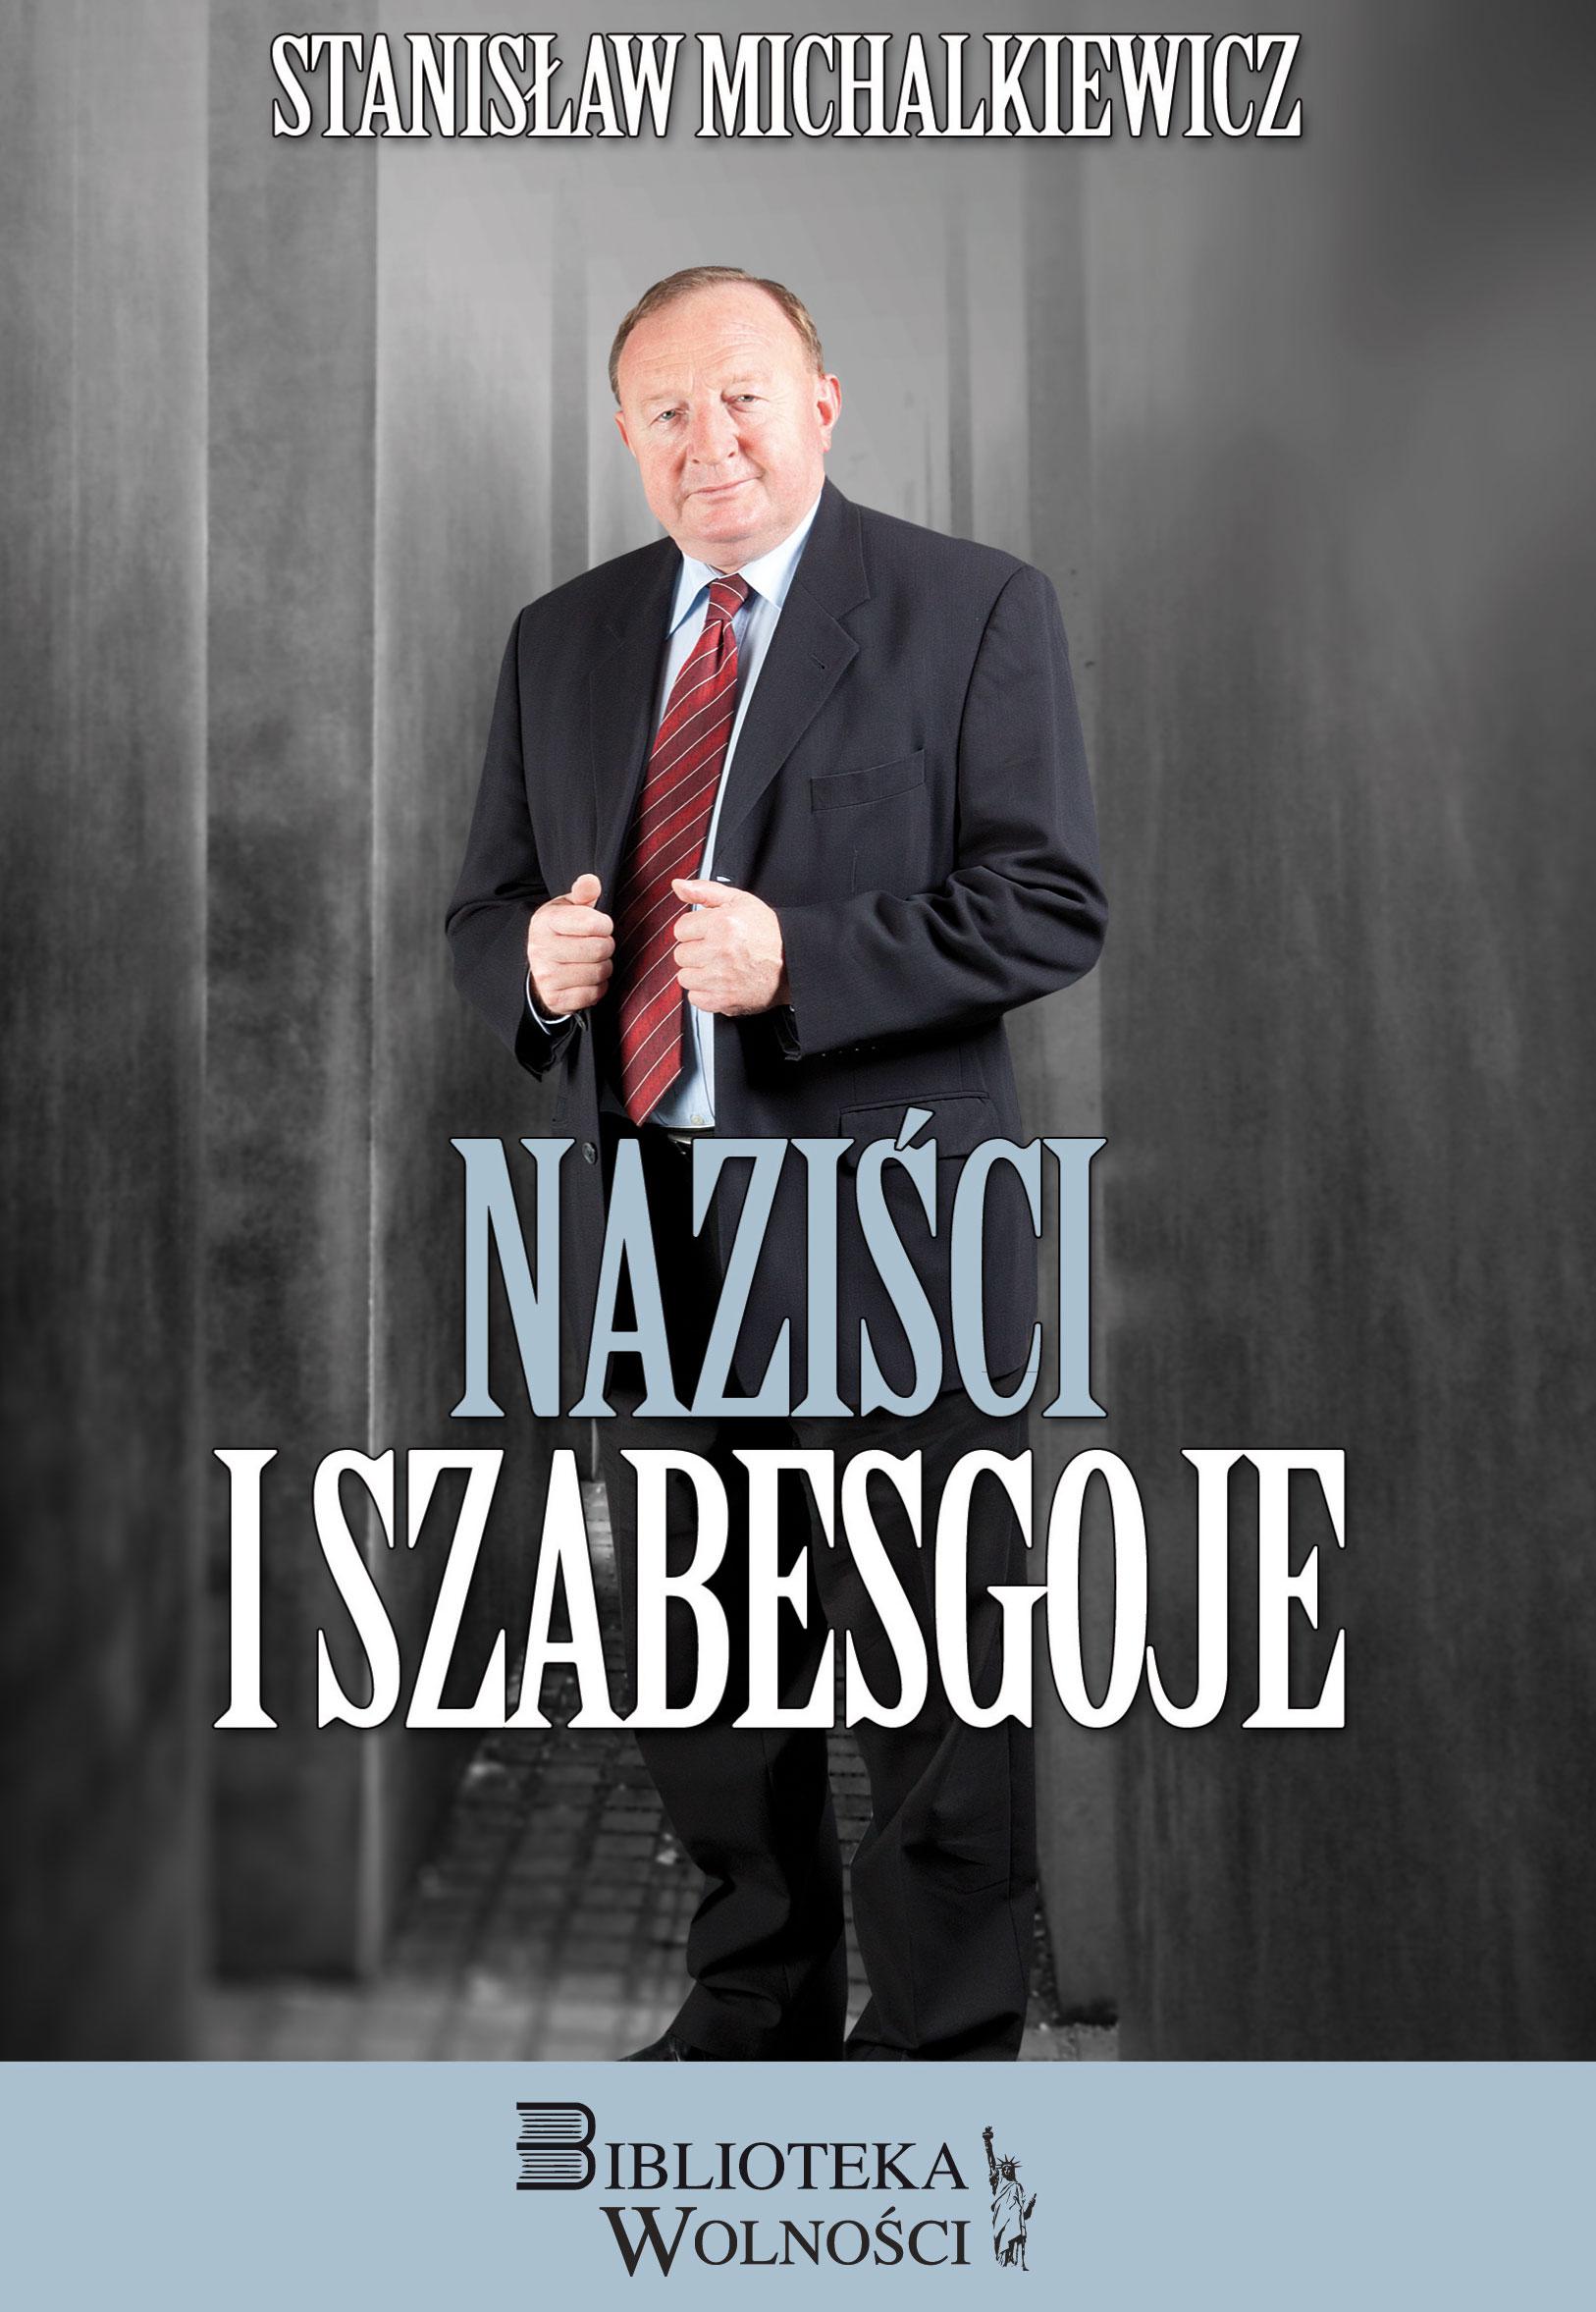 Naziści i szabesgoje (St.Michalkiewicz)